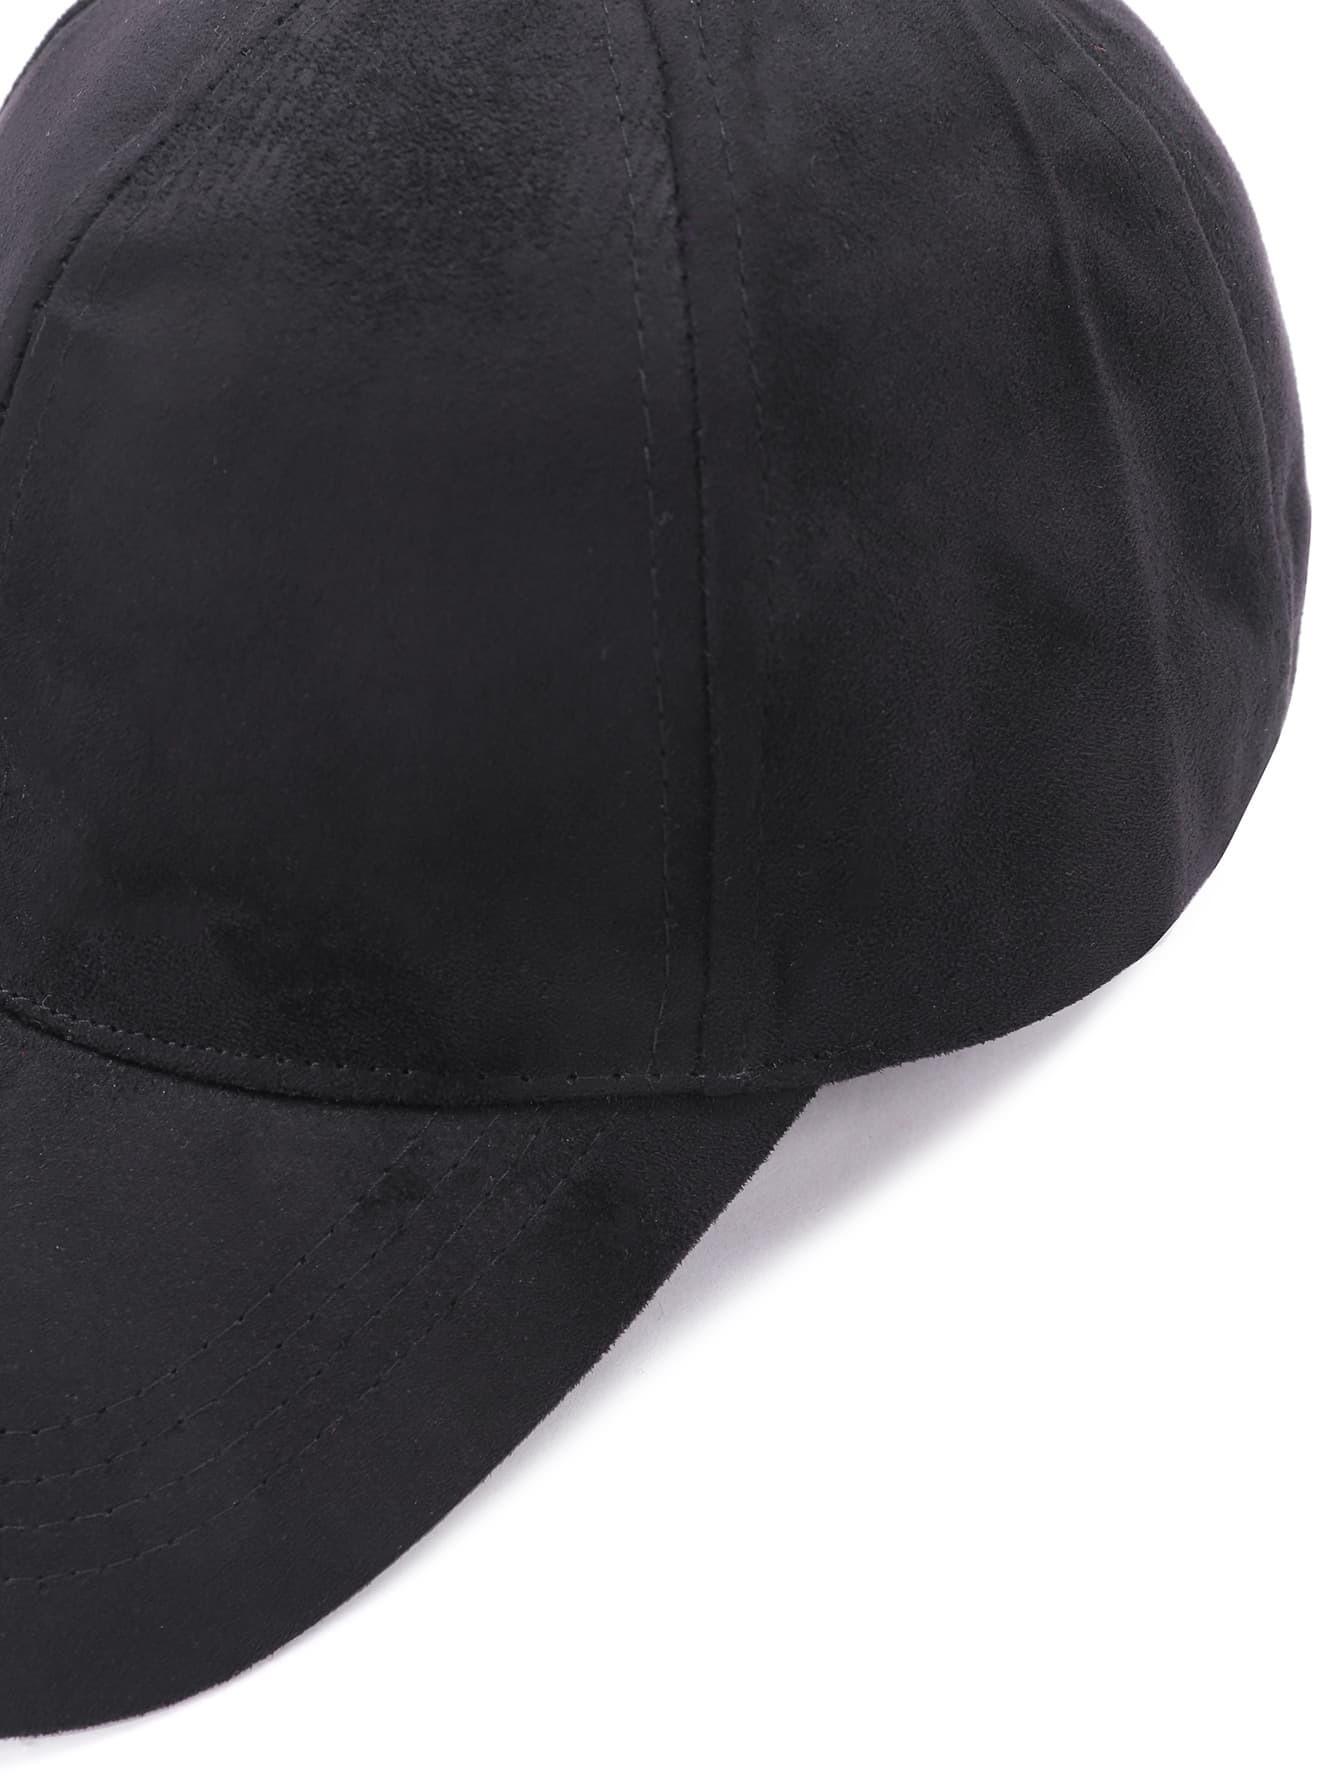 Casquette base ball en su d noir french romwe for Acheter maison suede